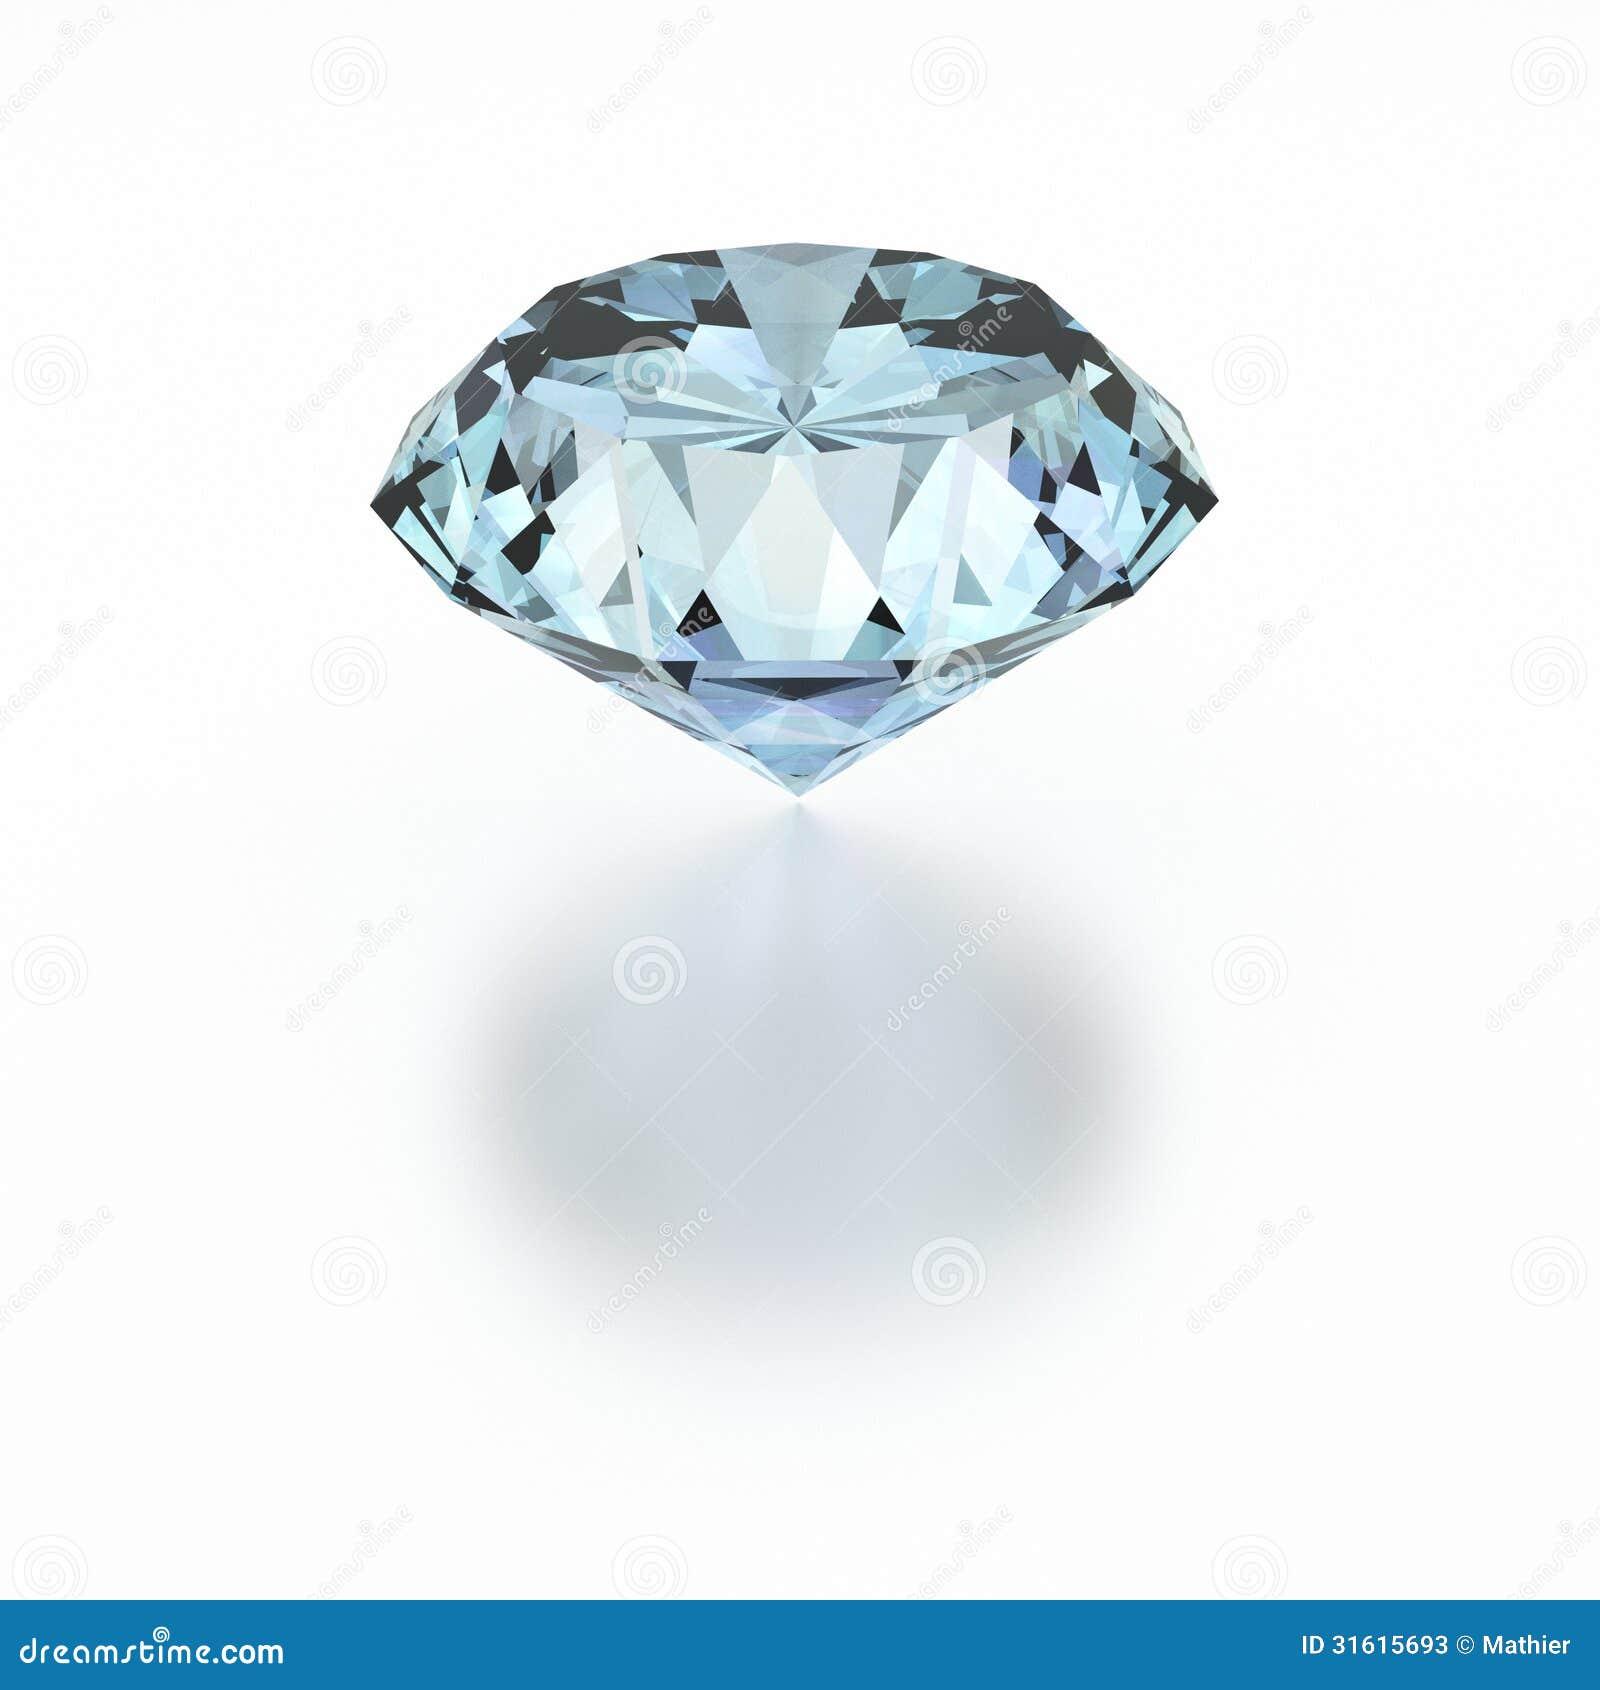 white diamond background - photo #34